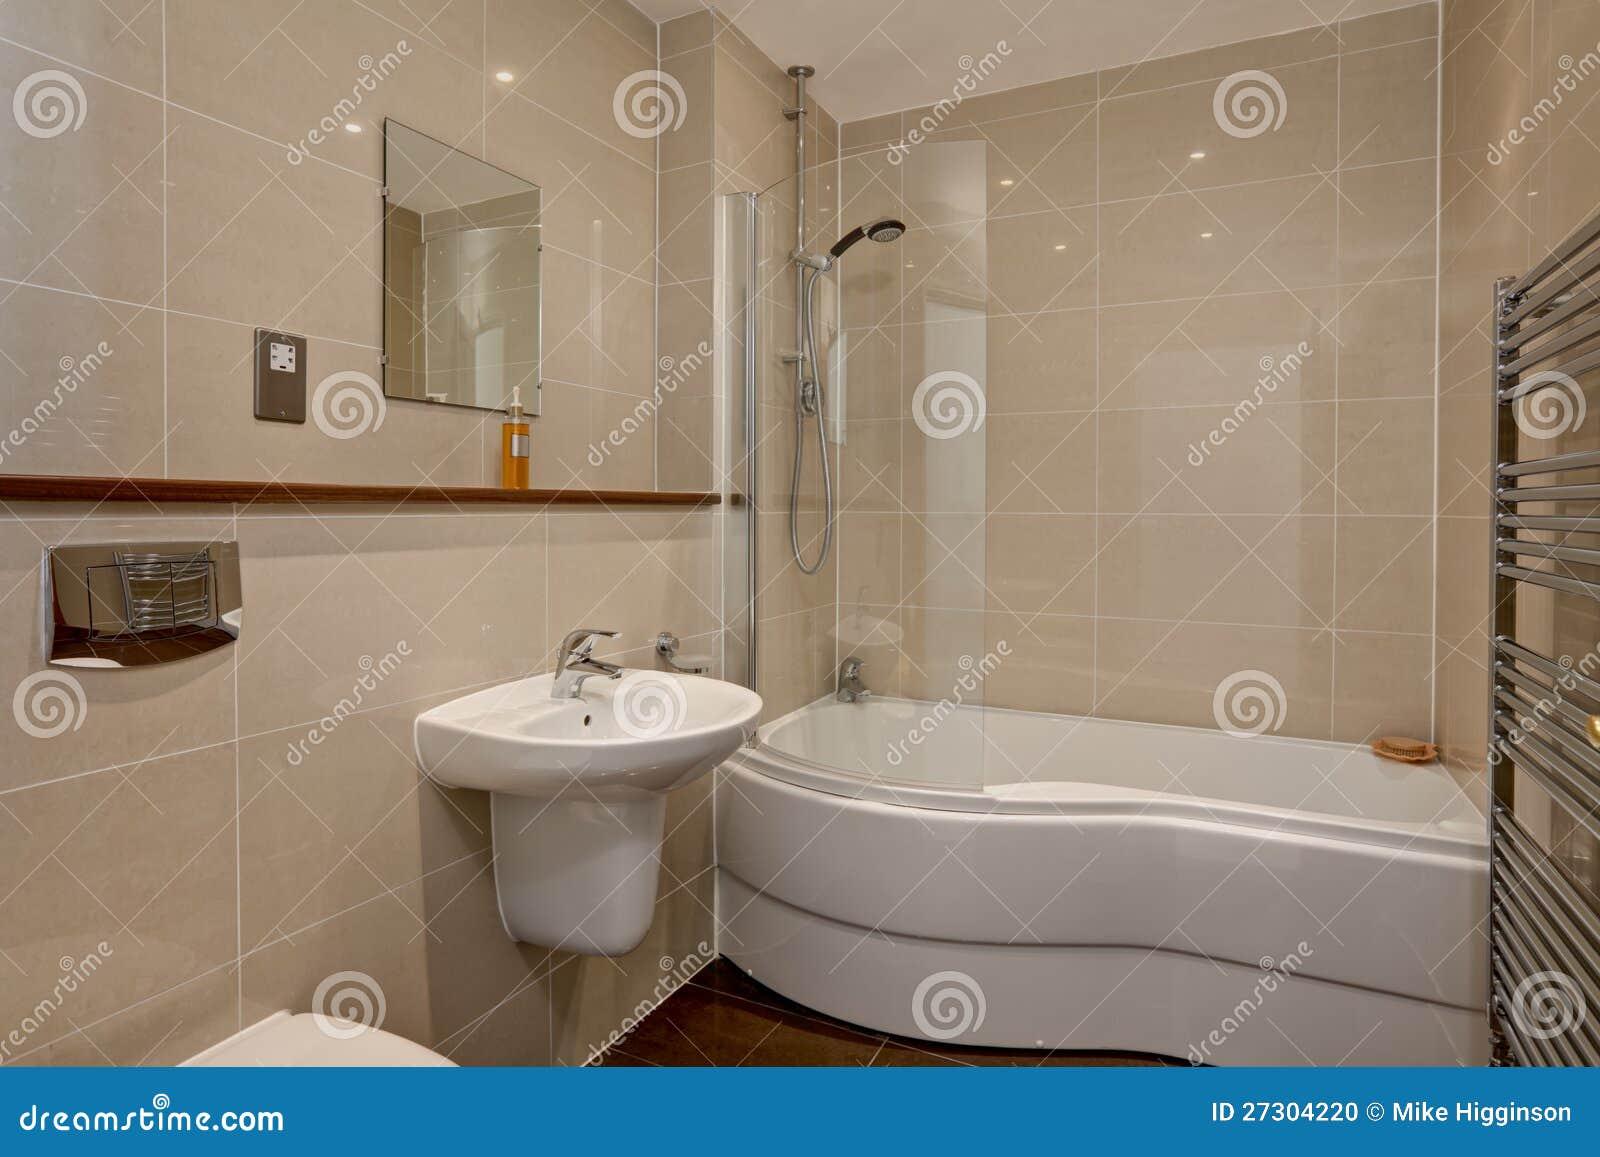 luxo moderno telhou o banheiro com ponto da bacia do chuveiro do  #AF6D1C 1300x957 Banheiro Container De Luxo